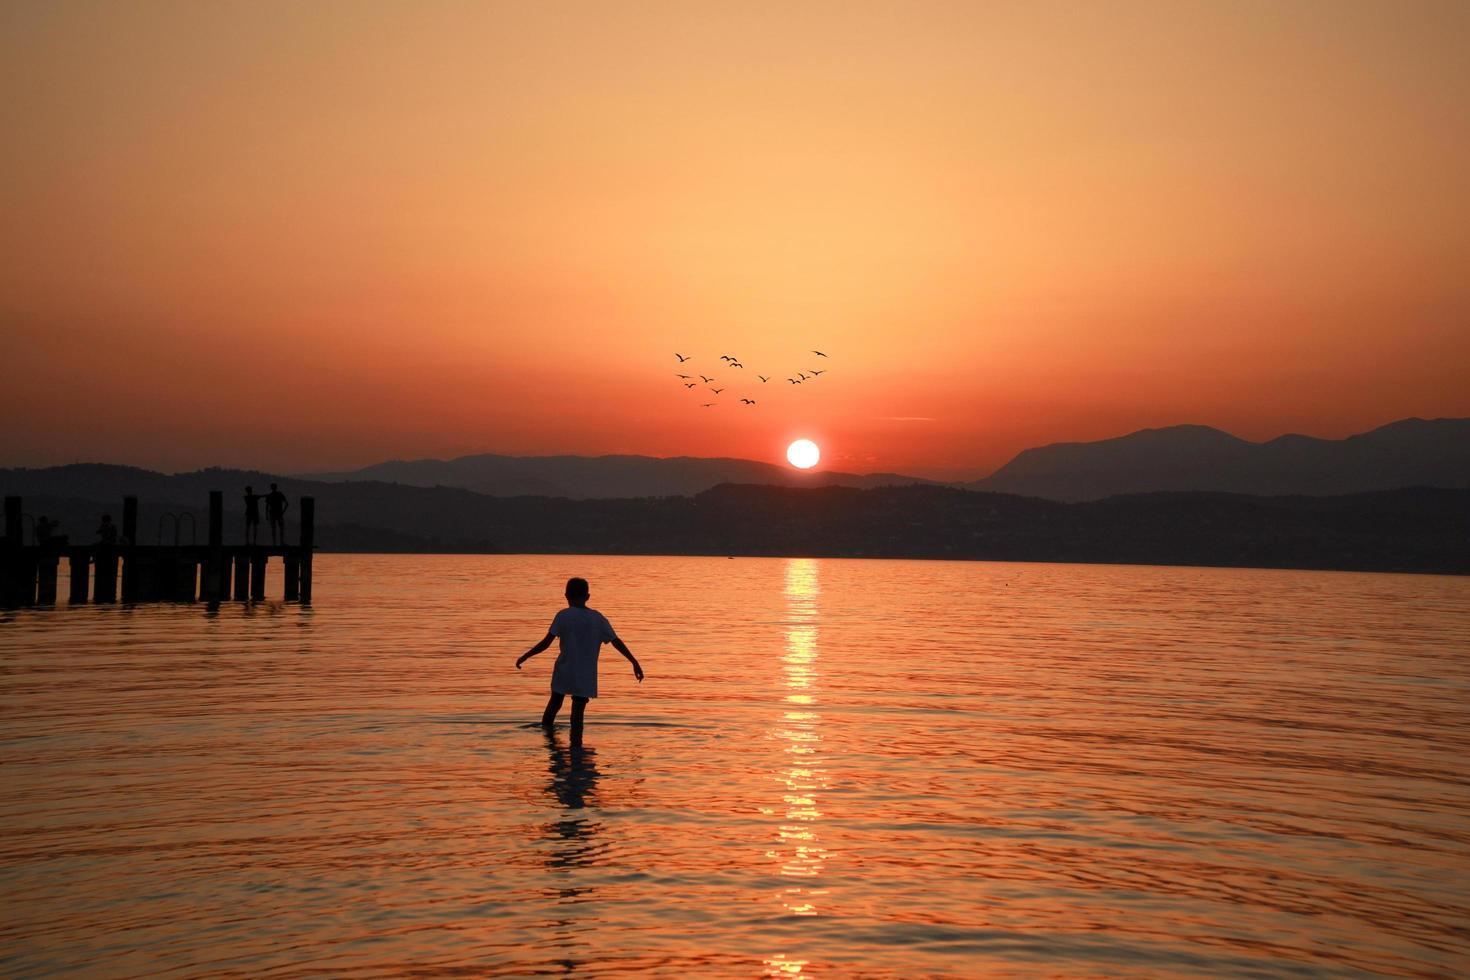 homme marchant dans la mer sous l'heure d'or photo